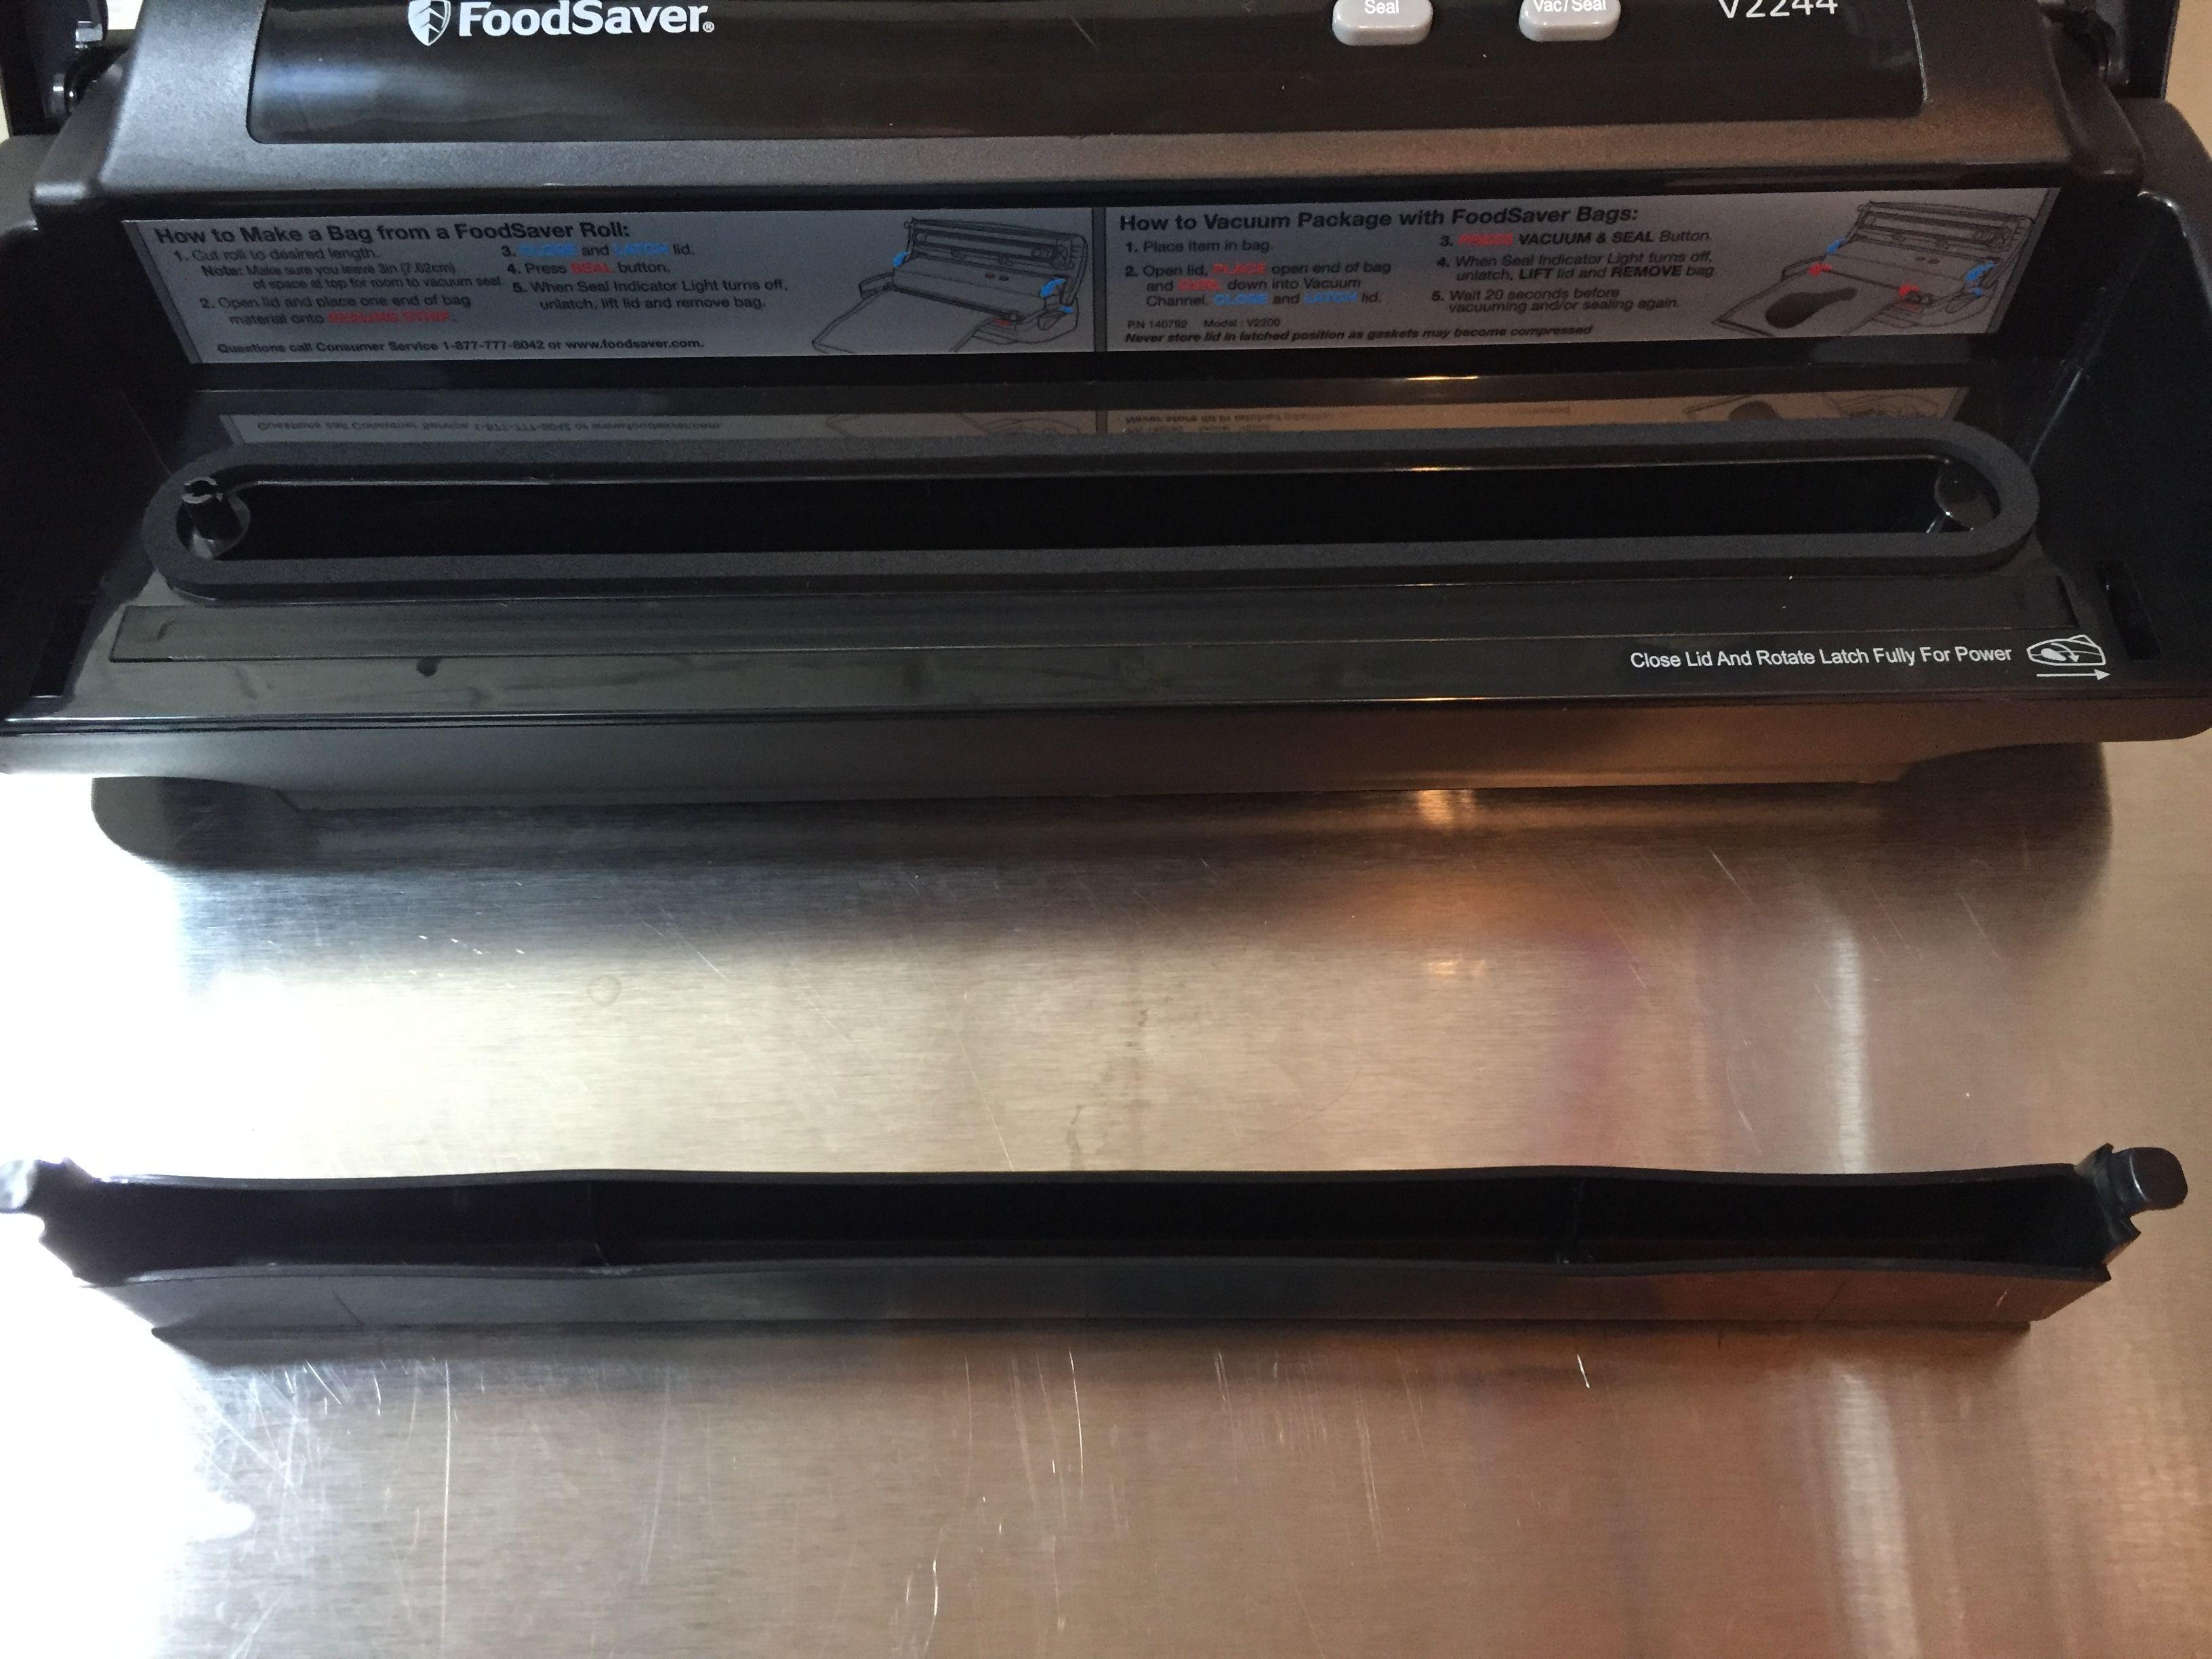 Hands On Review: FoodSaver V2244 Vacuum Sealer | Homebrew Finds